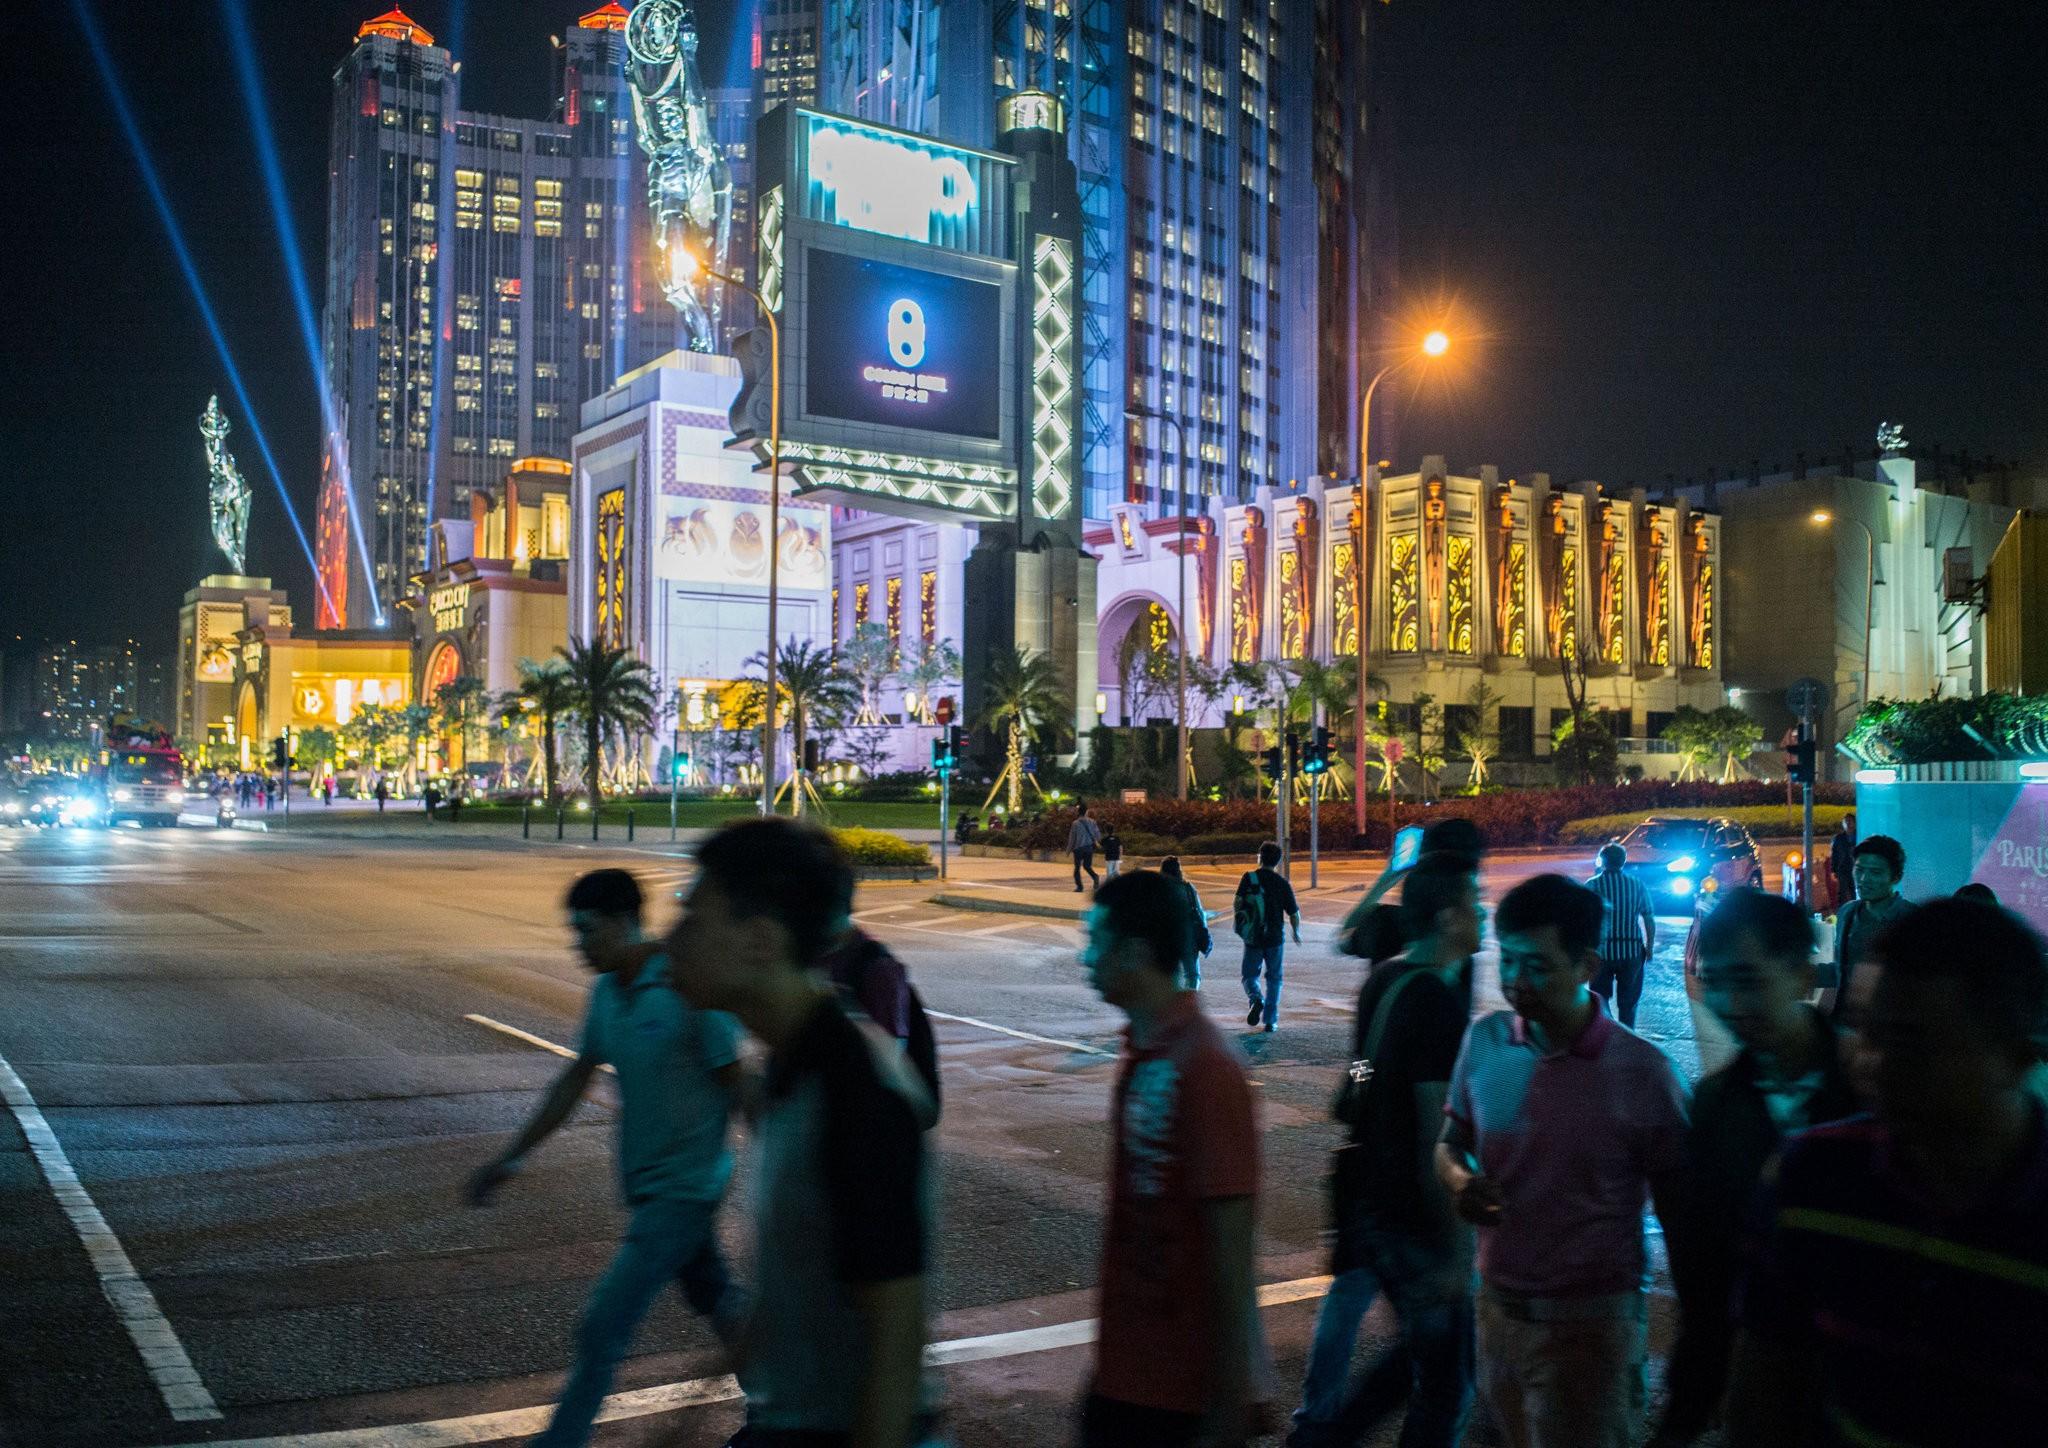 Macau casino gaming revenue